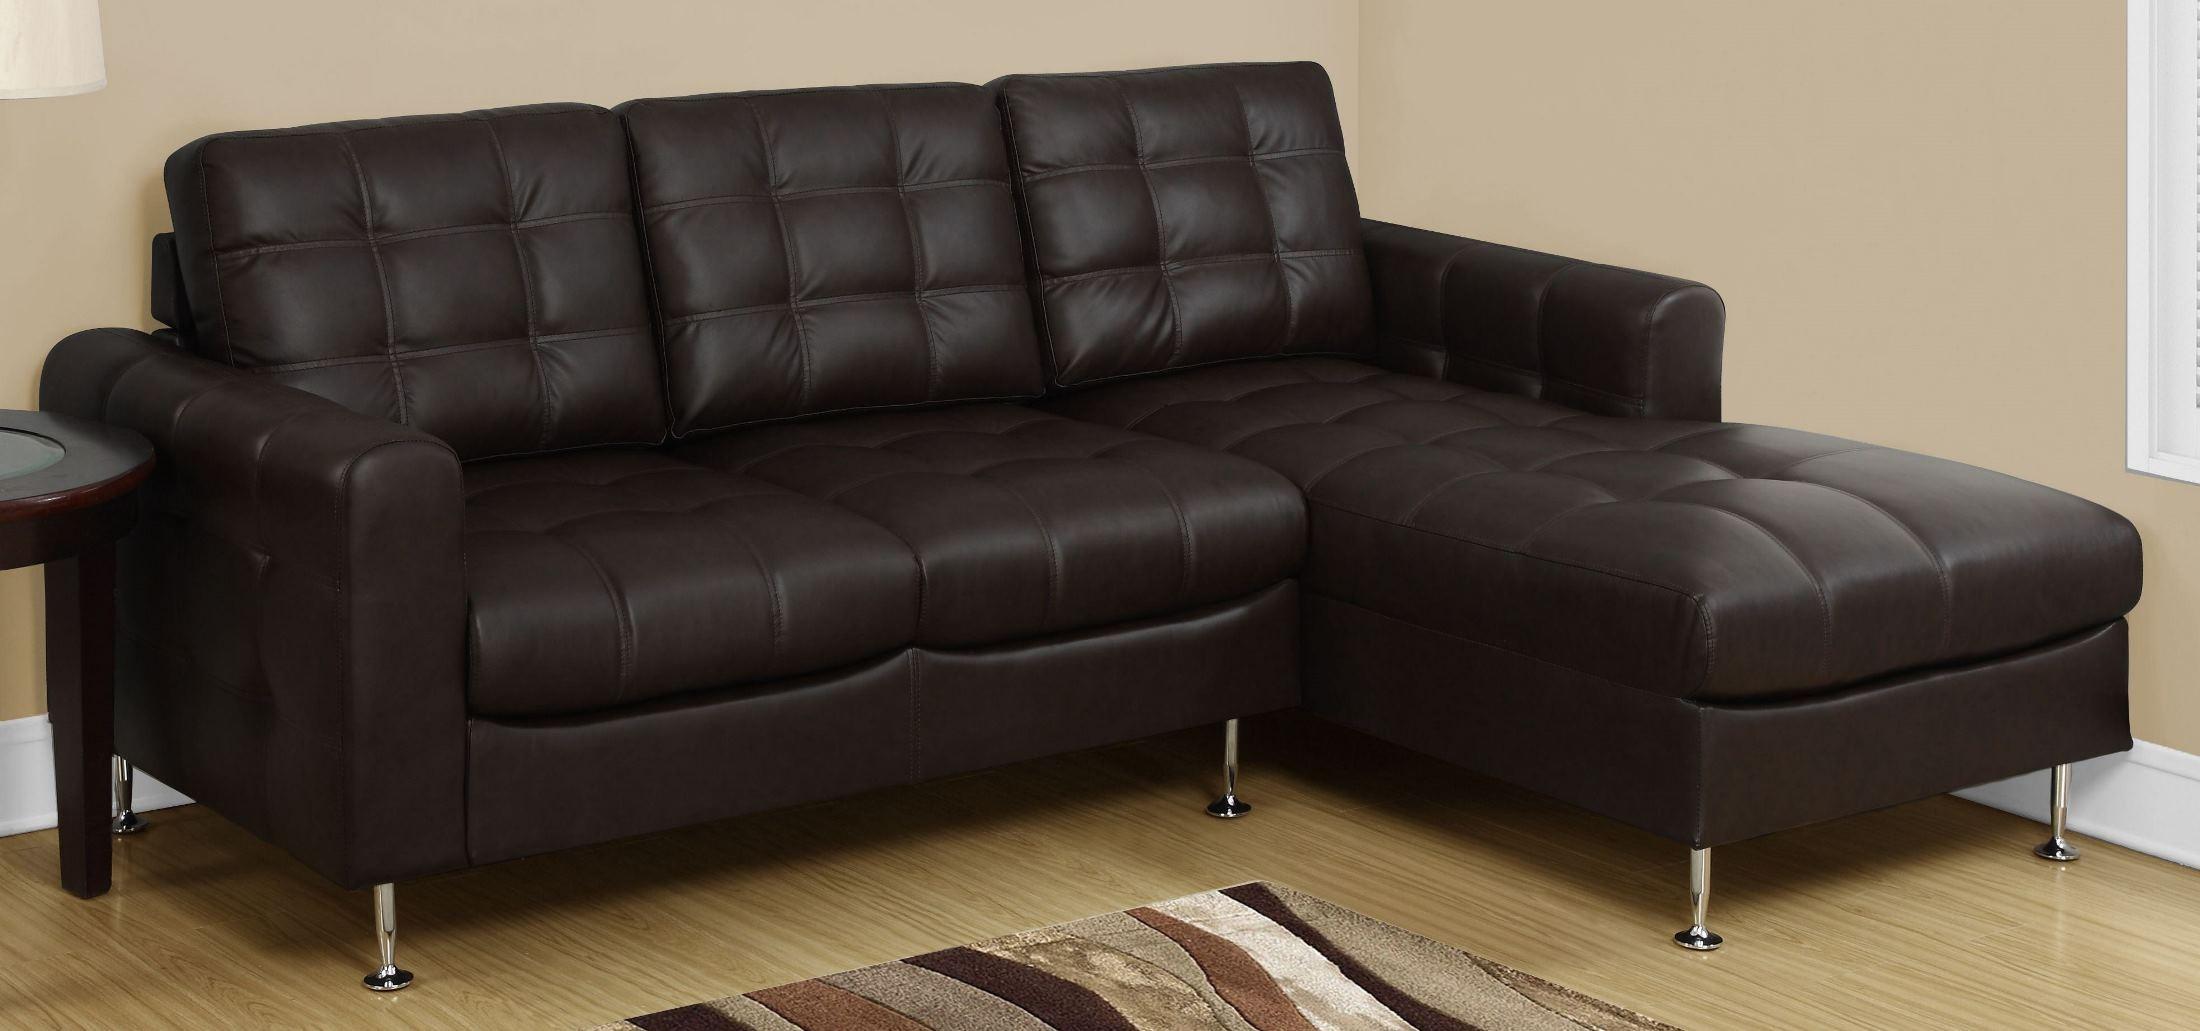 8380br dark brown bonded leather sofa lounger 8380br monarch. Black Bedroom Furniture Sets. Home Design Ideas